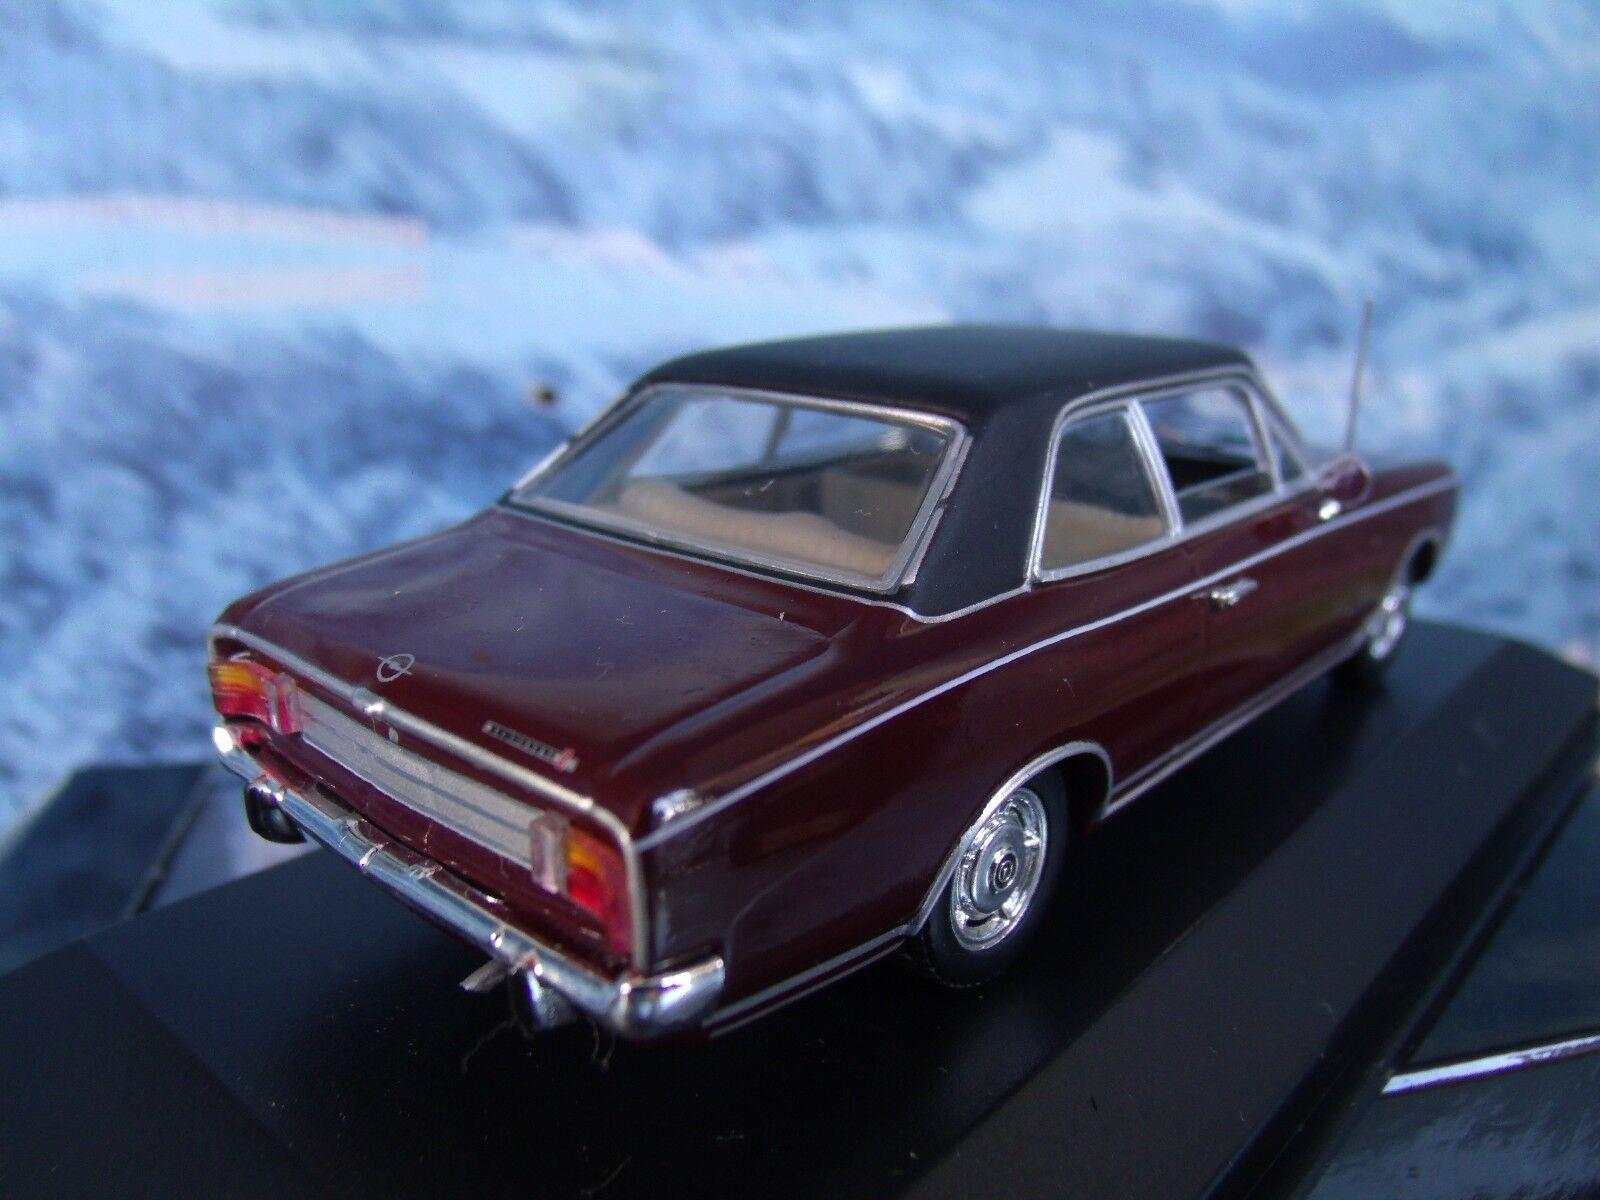 1 43  Minichamps Opel Commodore Commodore Commodore A 1966 60c4c6